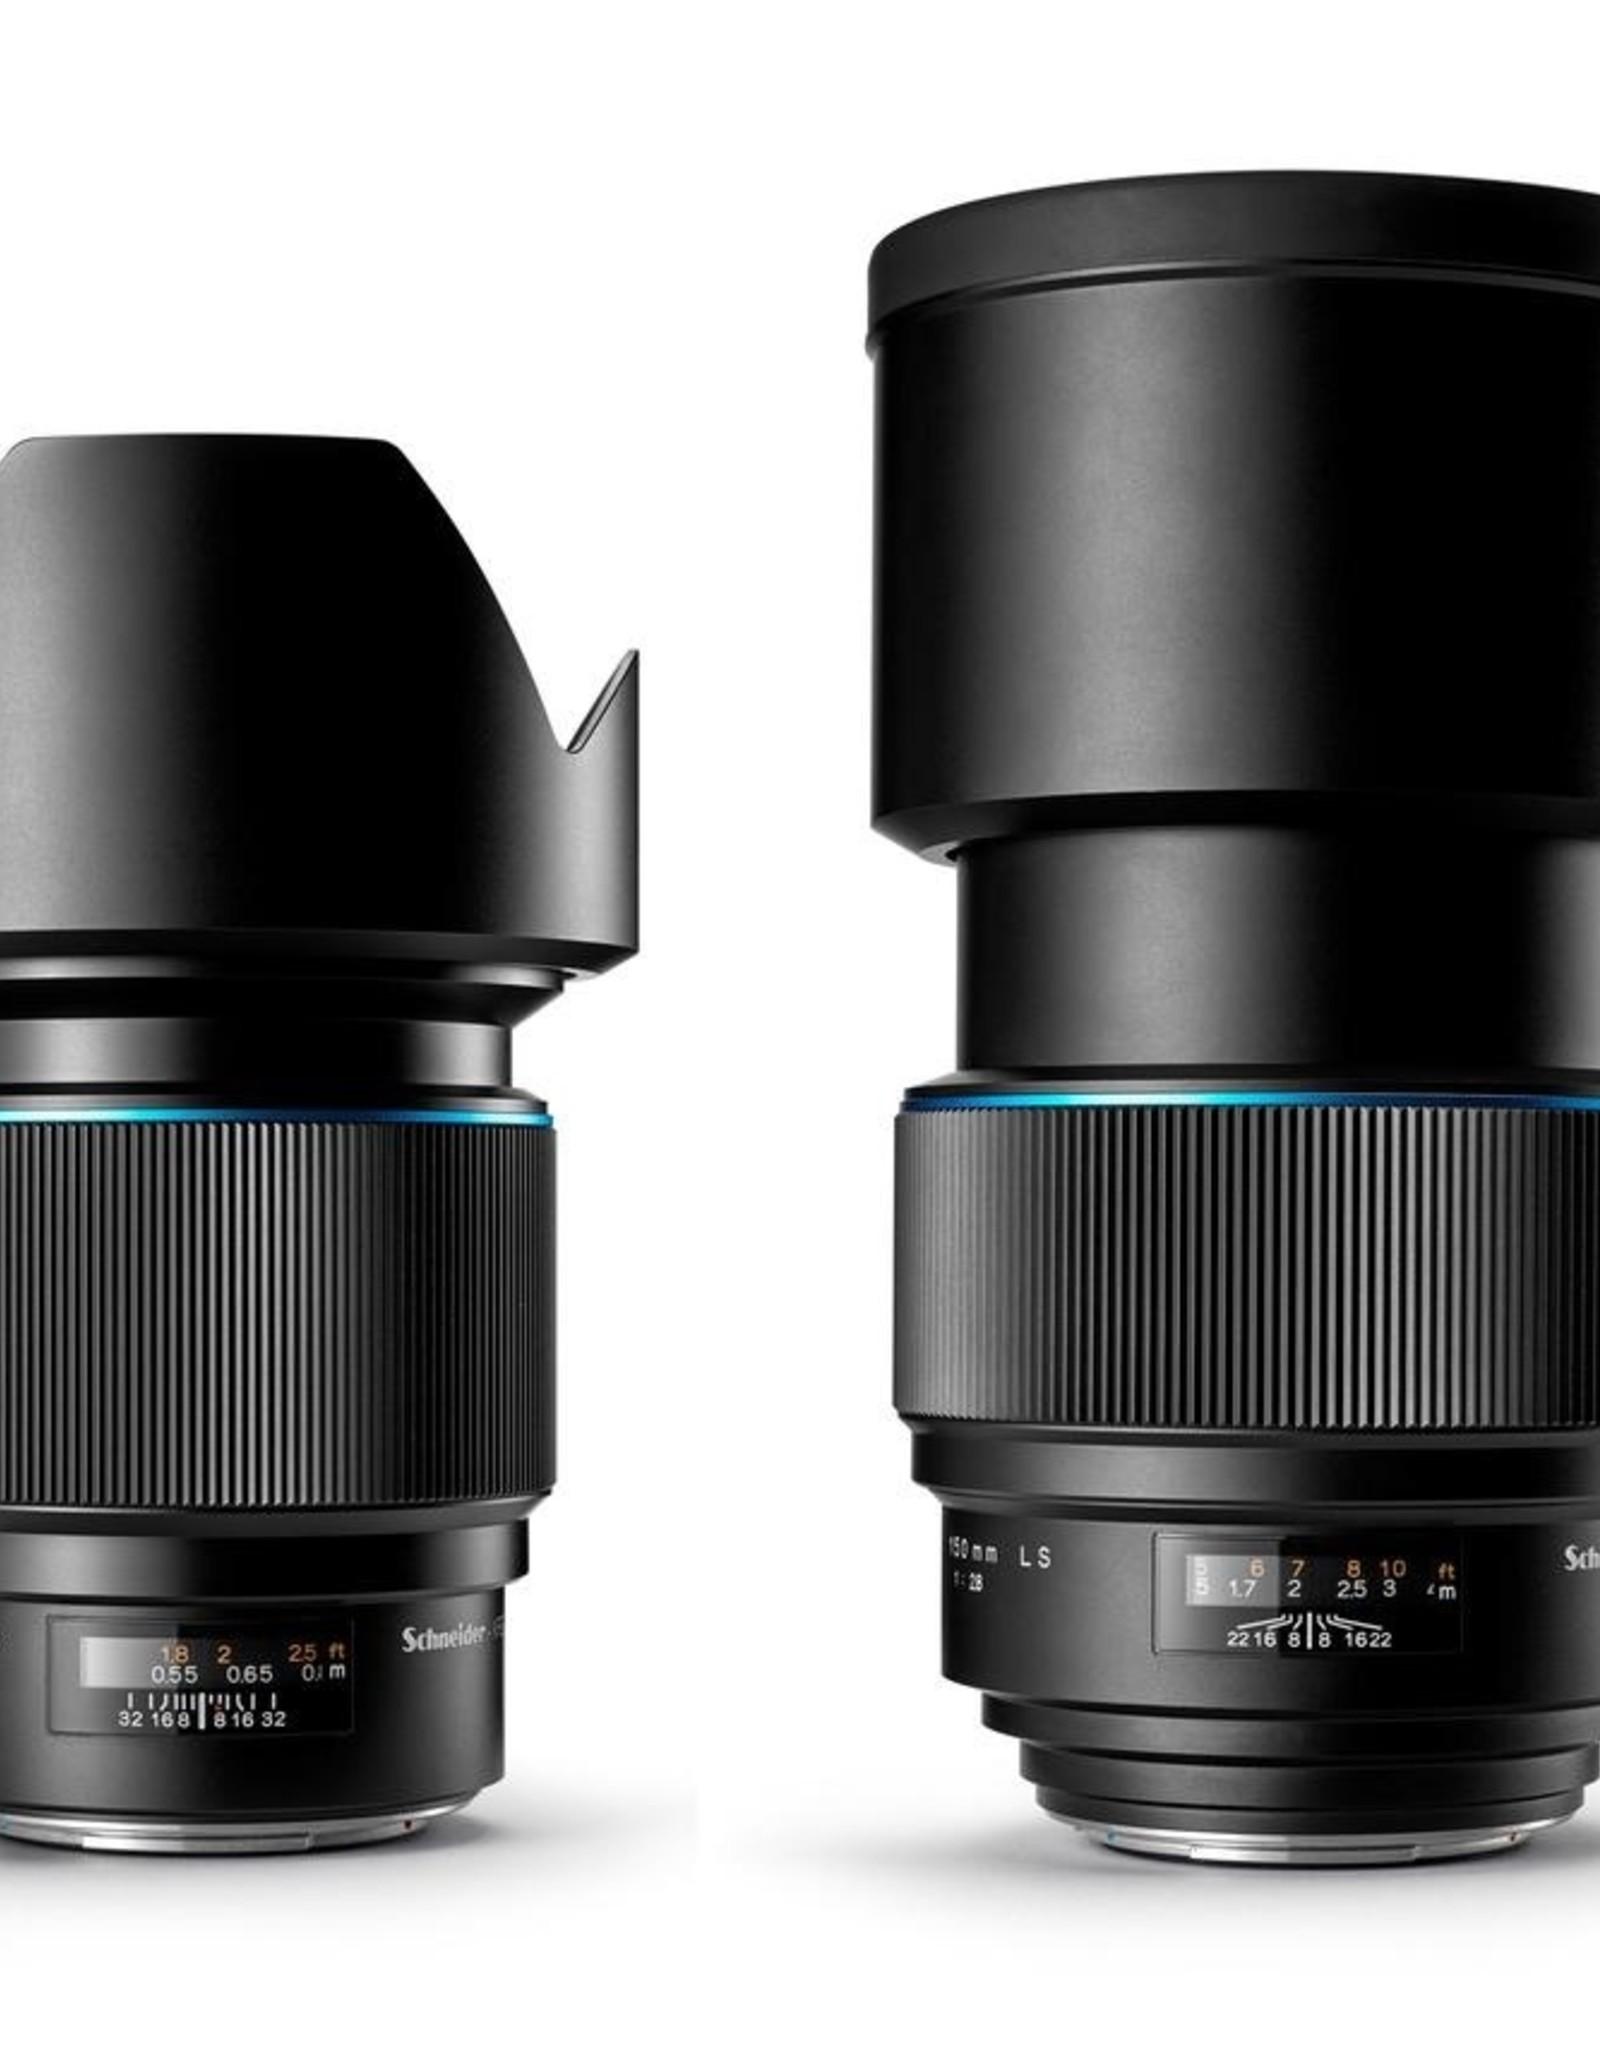 Phase One Phase One Schneider Kreuznach 150mm LS f/2.8 Blue Ring- ø95mm Schneider Kreuznach Lenses come with a 1 Year Warranty